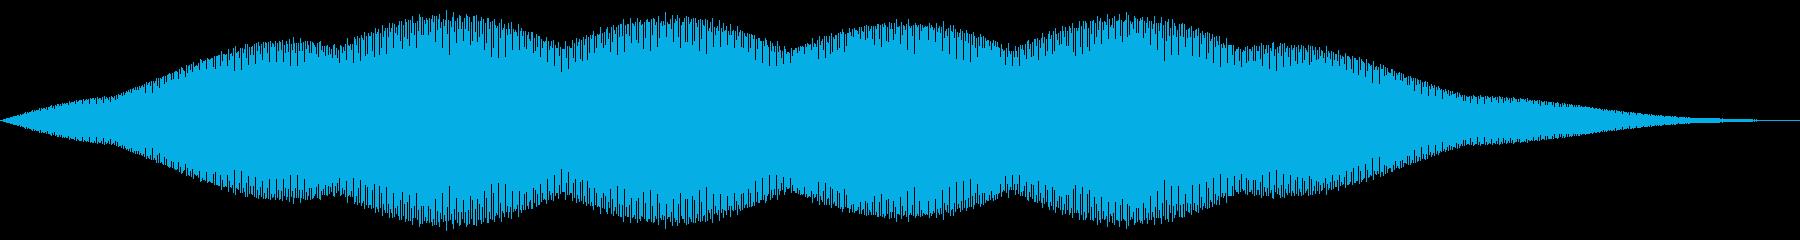 エレクトリックシャイン、シマー、パ...の再生済みの波形